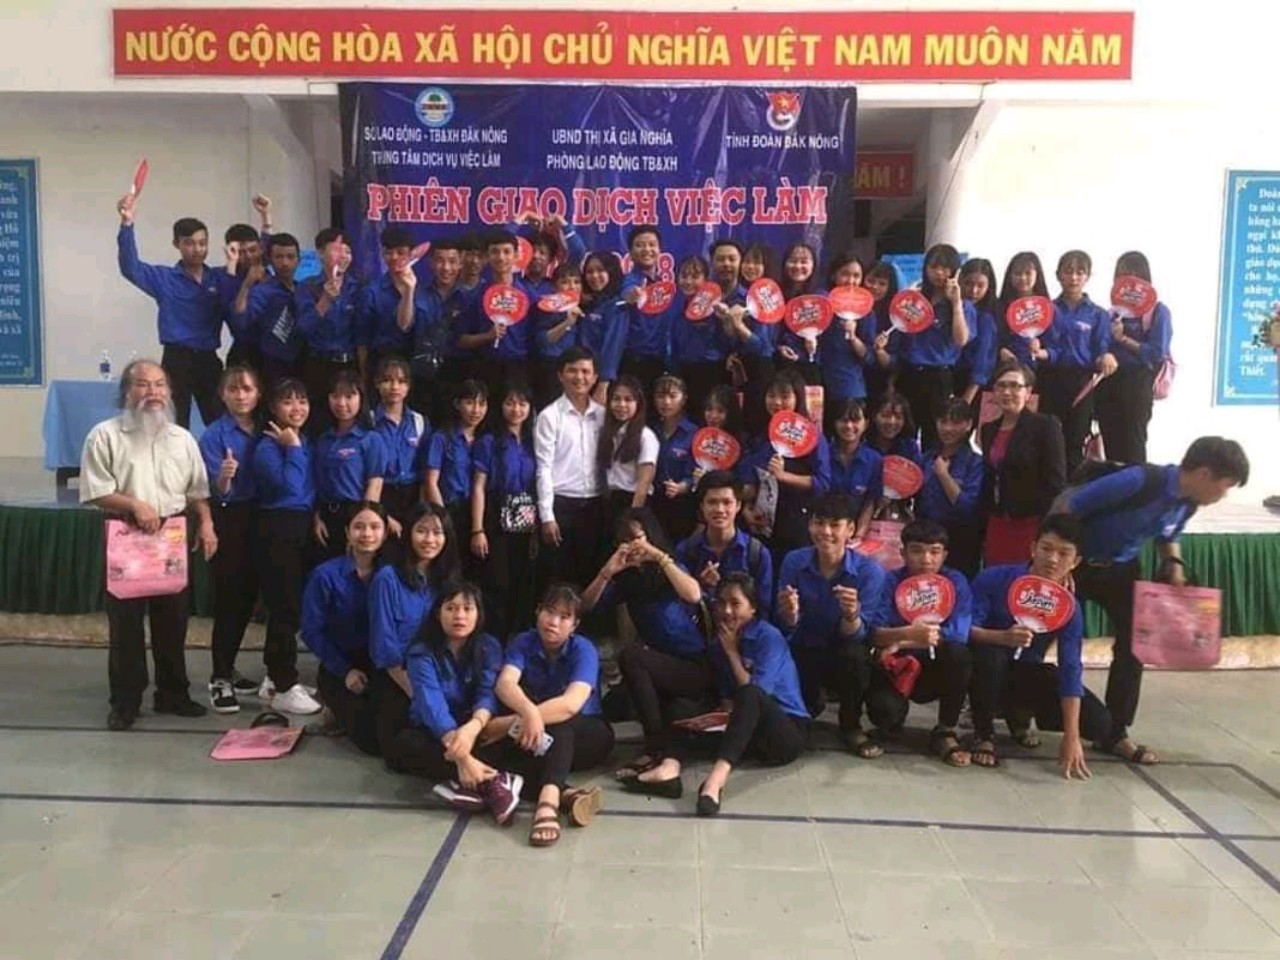 Đoàn viên – thanh niên tiêu biểu tham gia Hội chợ việc làm tỉnh Đăk Nông năm 2018